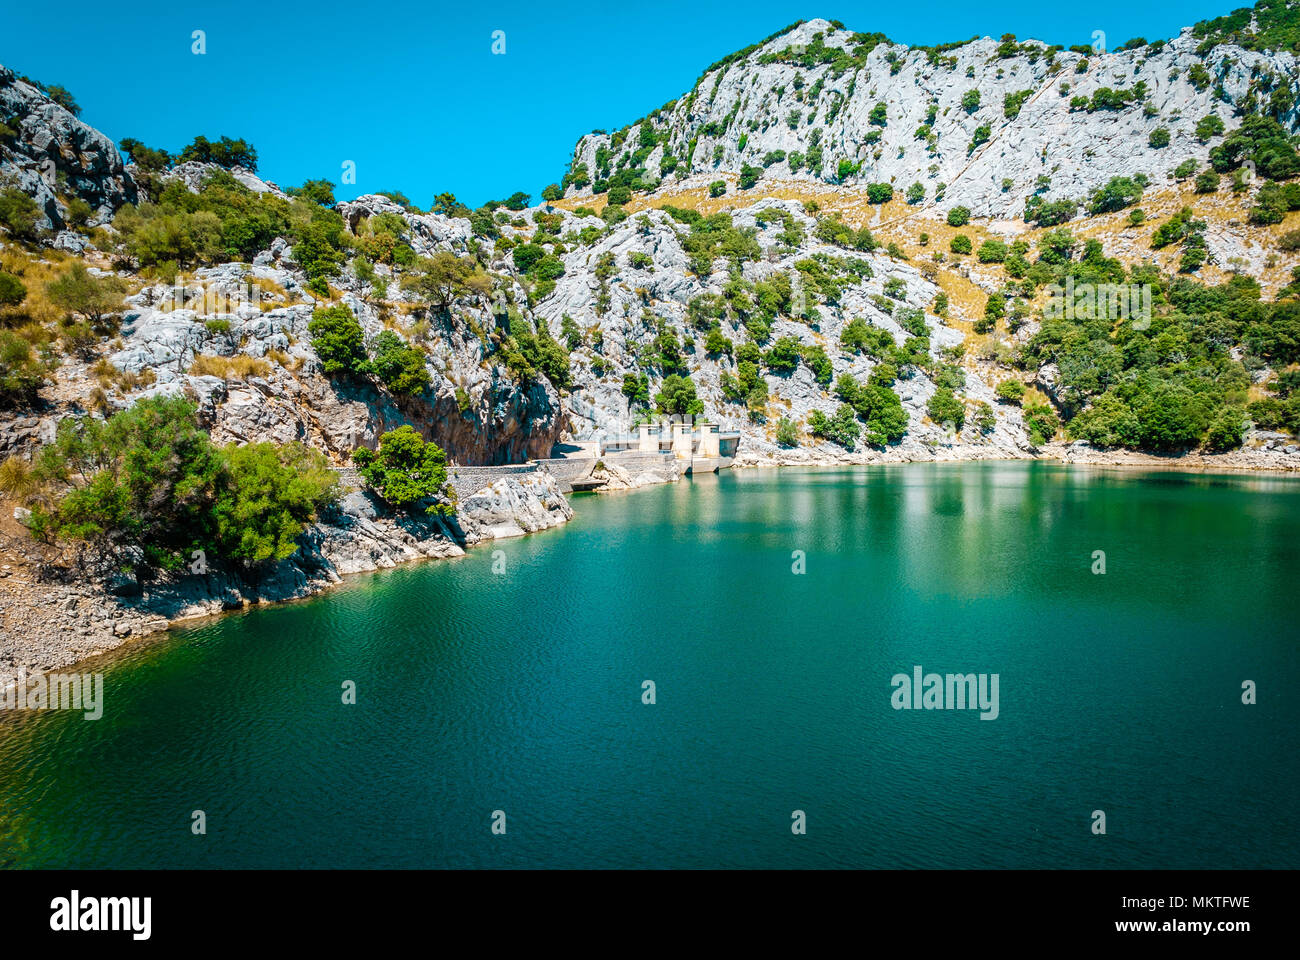 Gorg Blau, künstlichen See, Wasserversorgung, Mallorca Stockbild